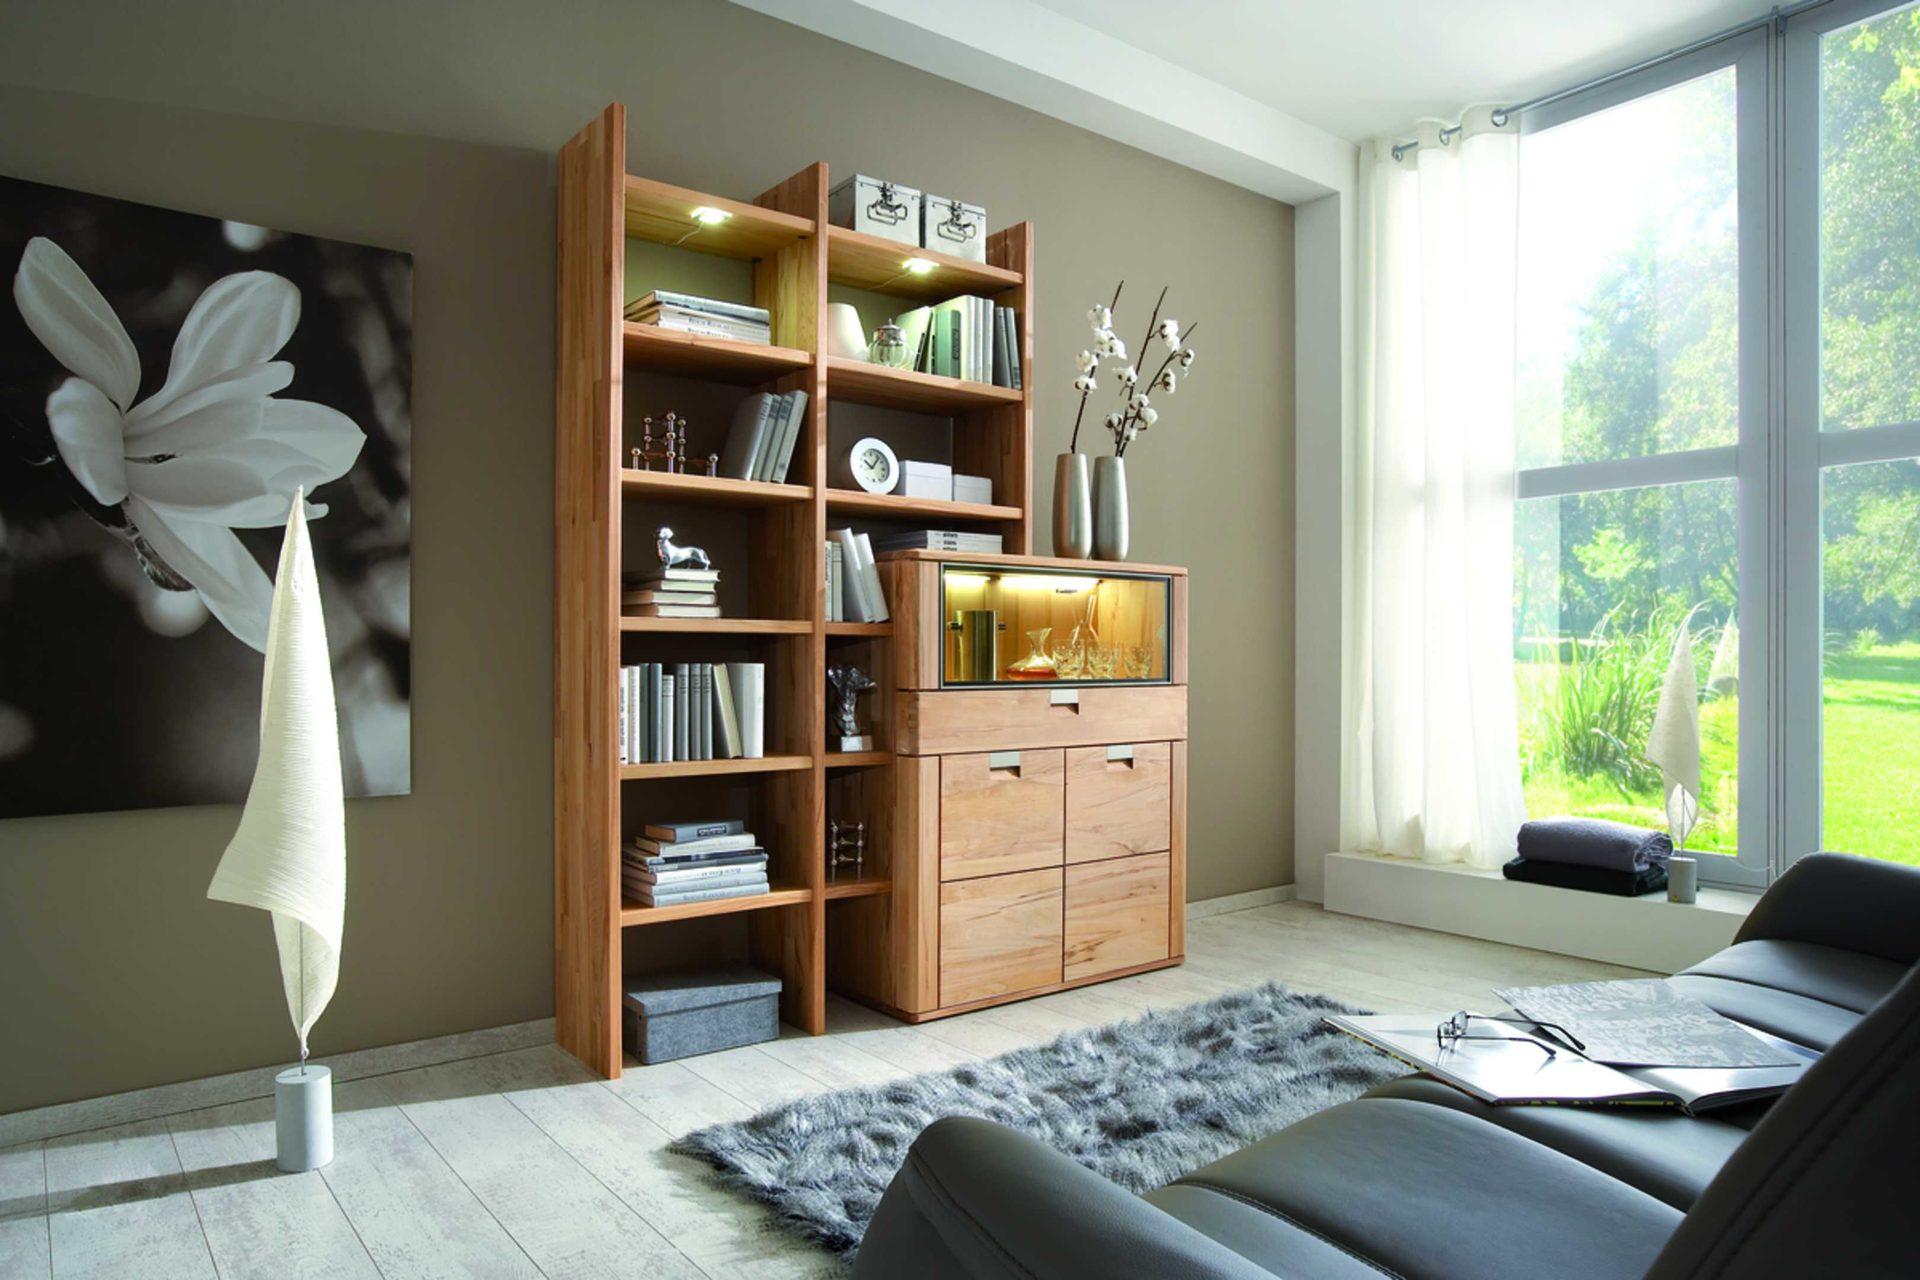 Elegant Affordable Details Partnerring Collection Massivholz Bzw Wohnwand  With Wohnwand Massivholz Gnstig With Wohnwand Echtholz Gnstig